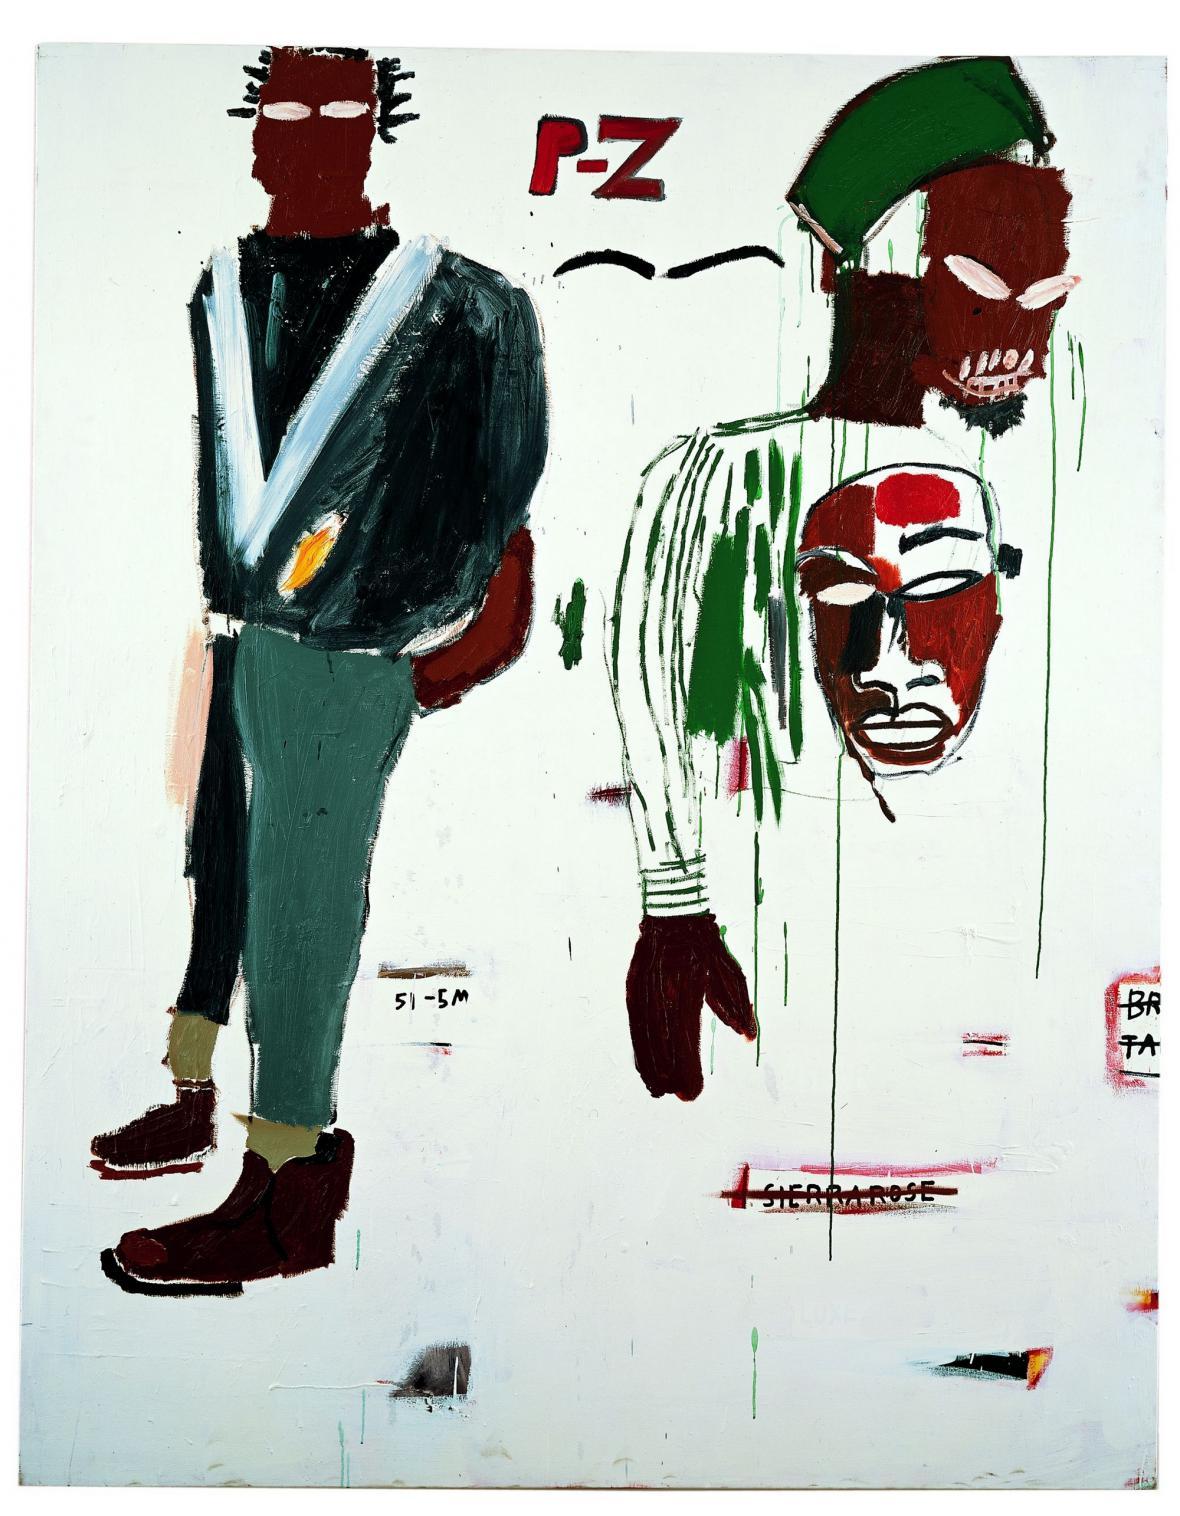 Jean Michel Basquiat / P-Z, 1984